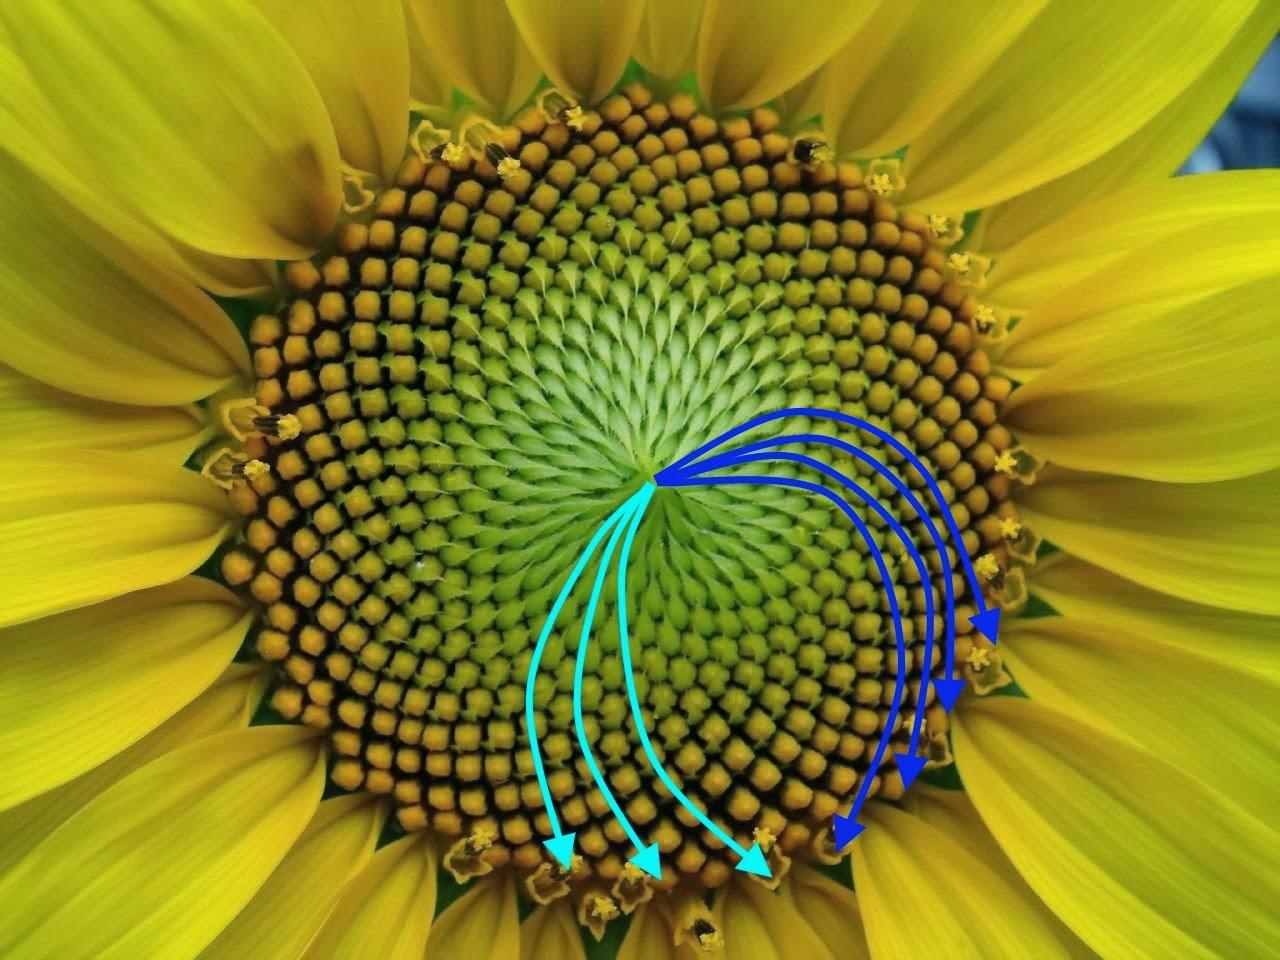 Disposición en espiral de las semillas de girasol